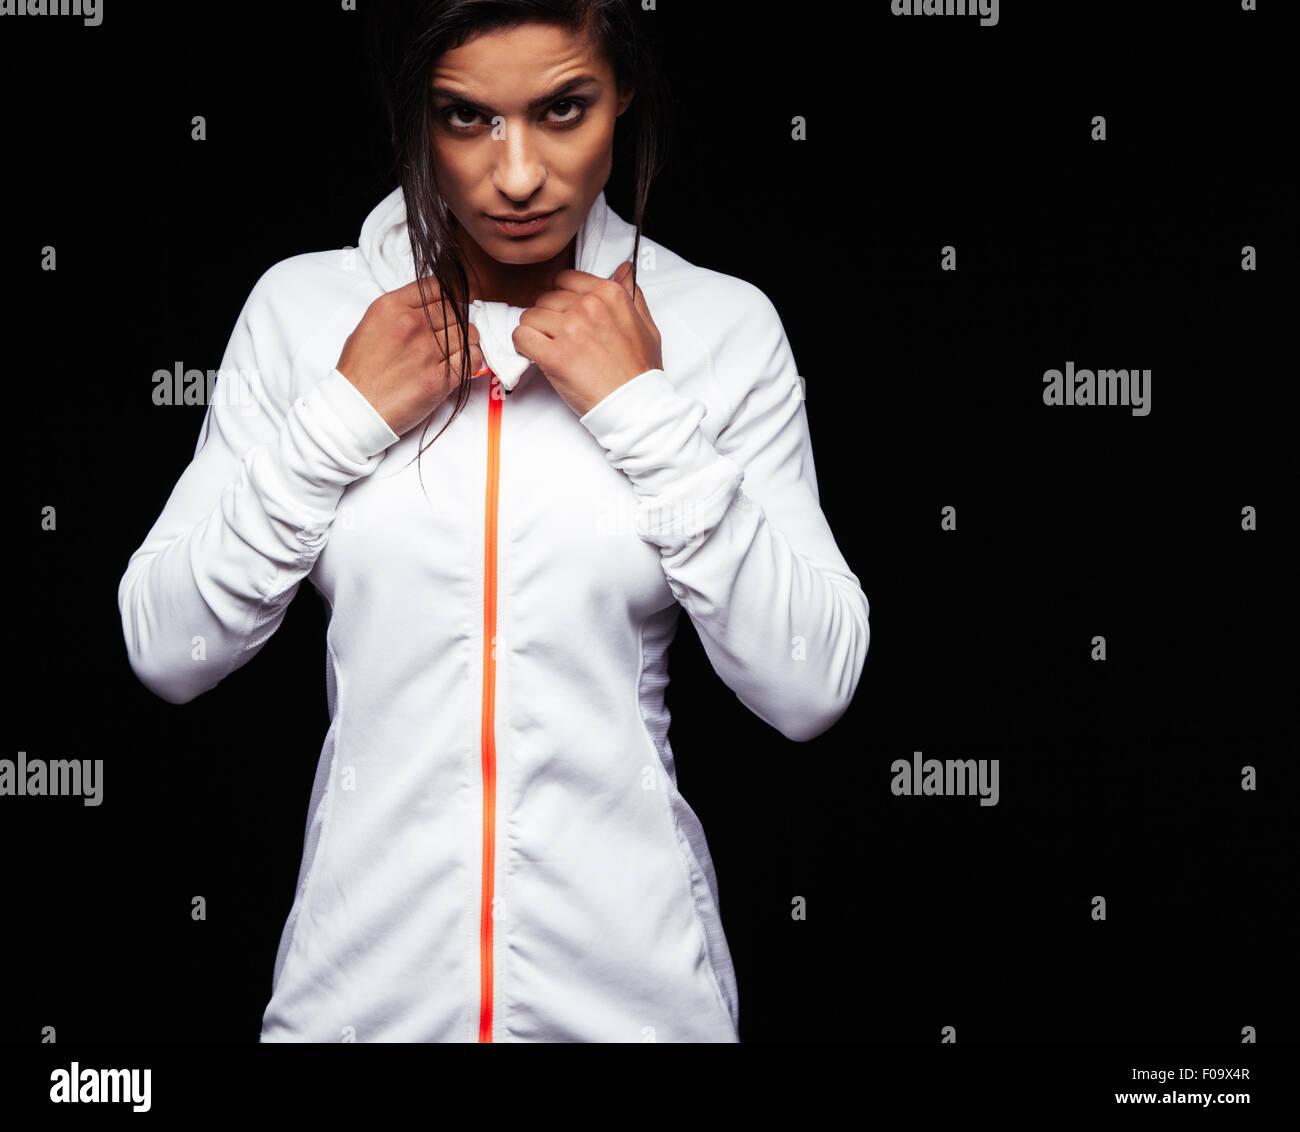 Retrato de mujer fitness en ropa deportiva mirando a la cámara con una actitud. Caucásica modelo femenino Imagen De Stock